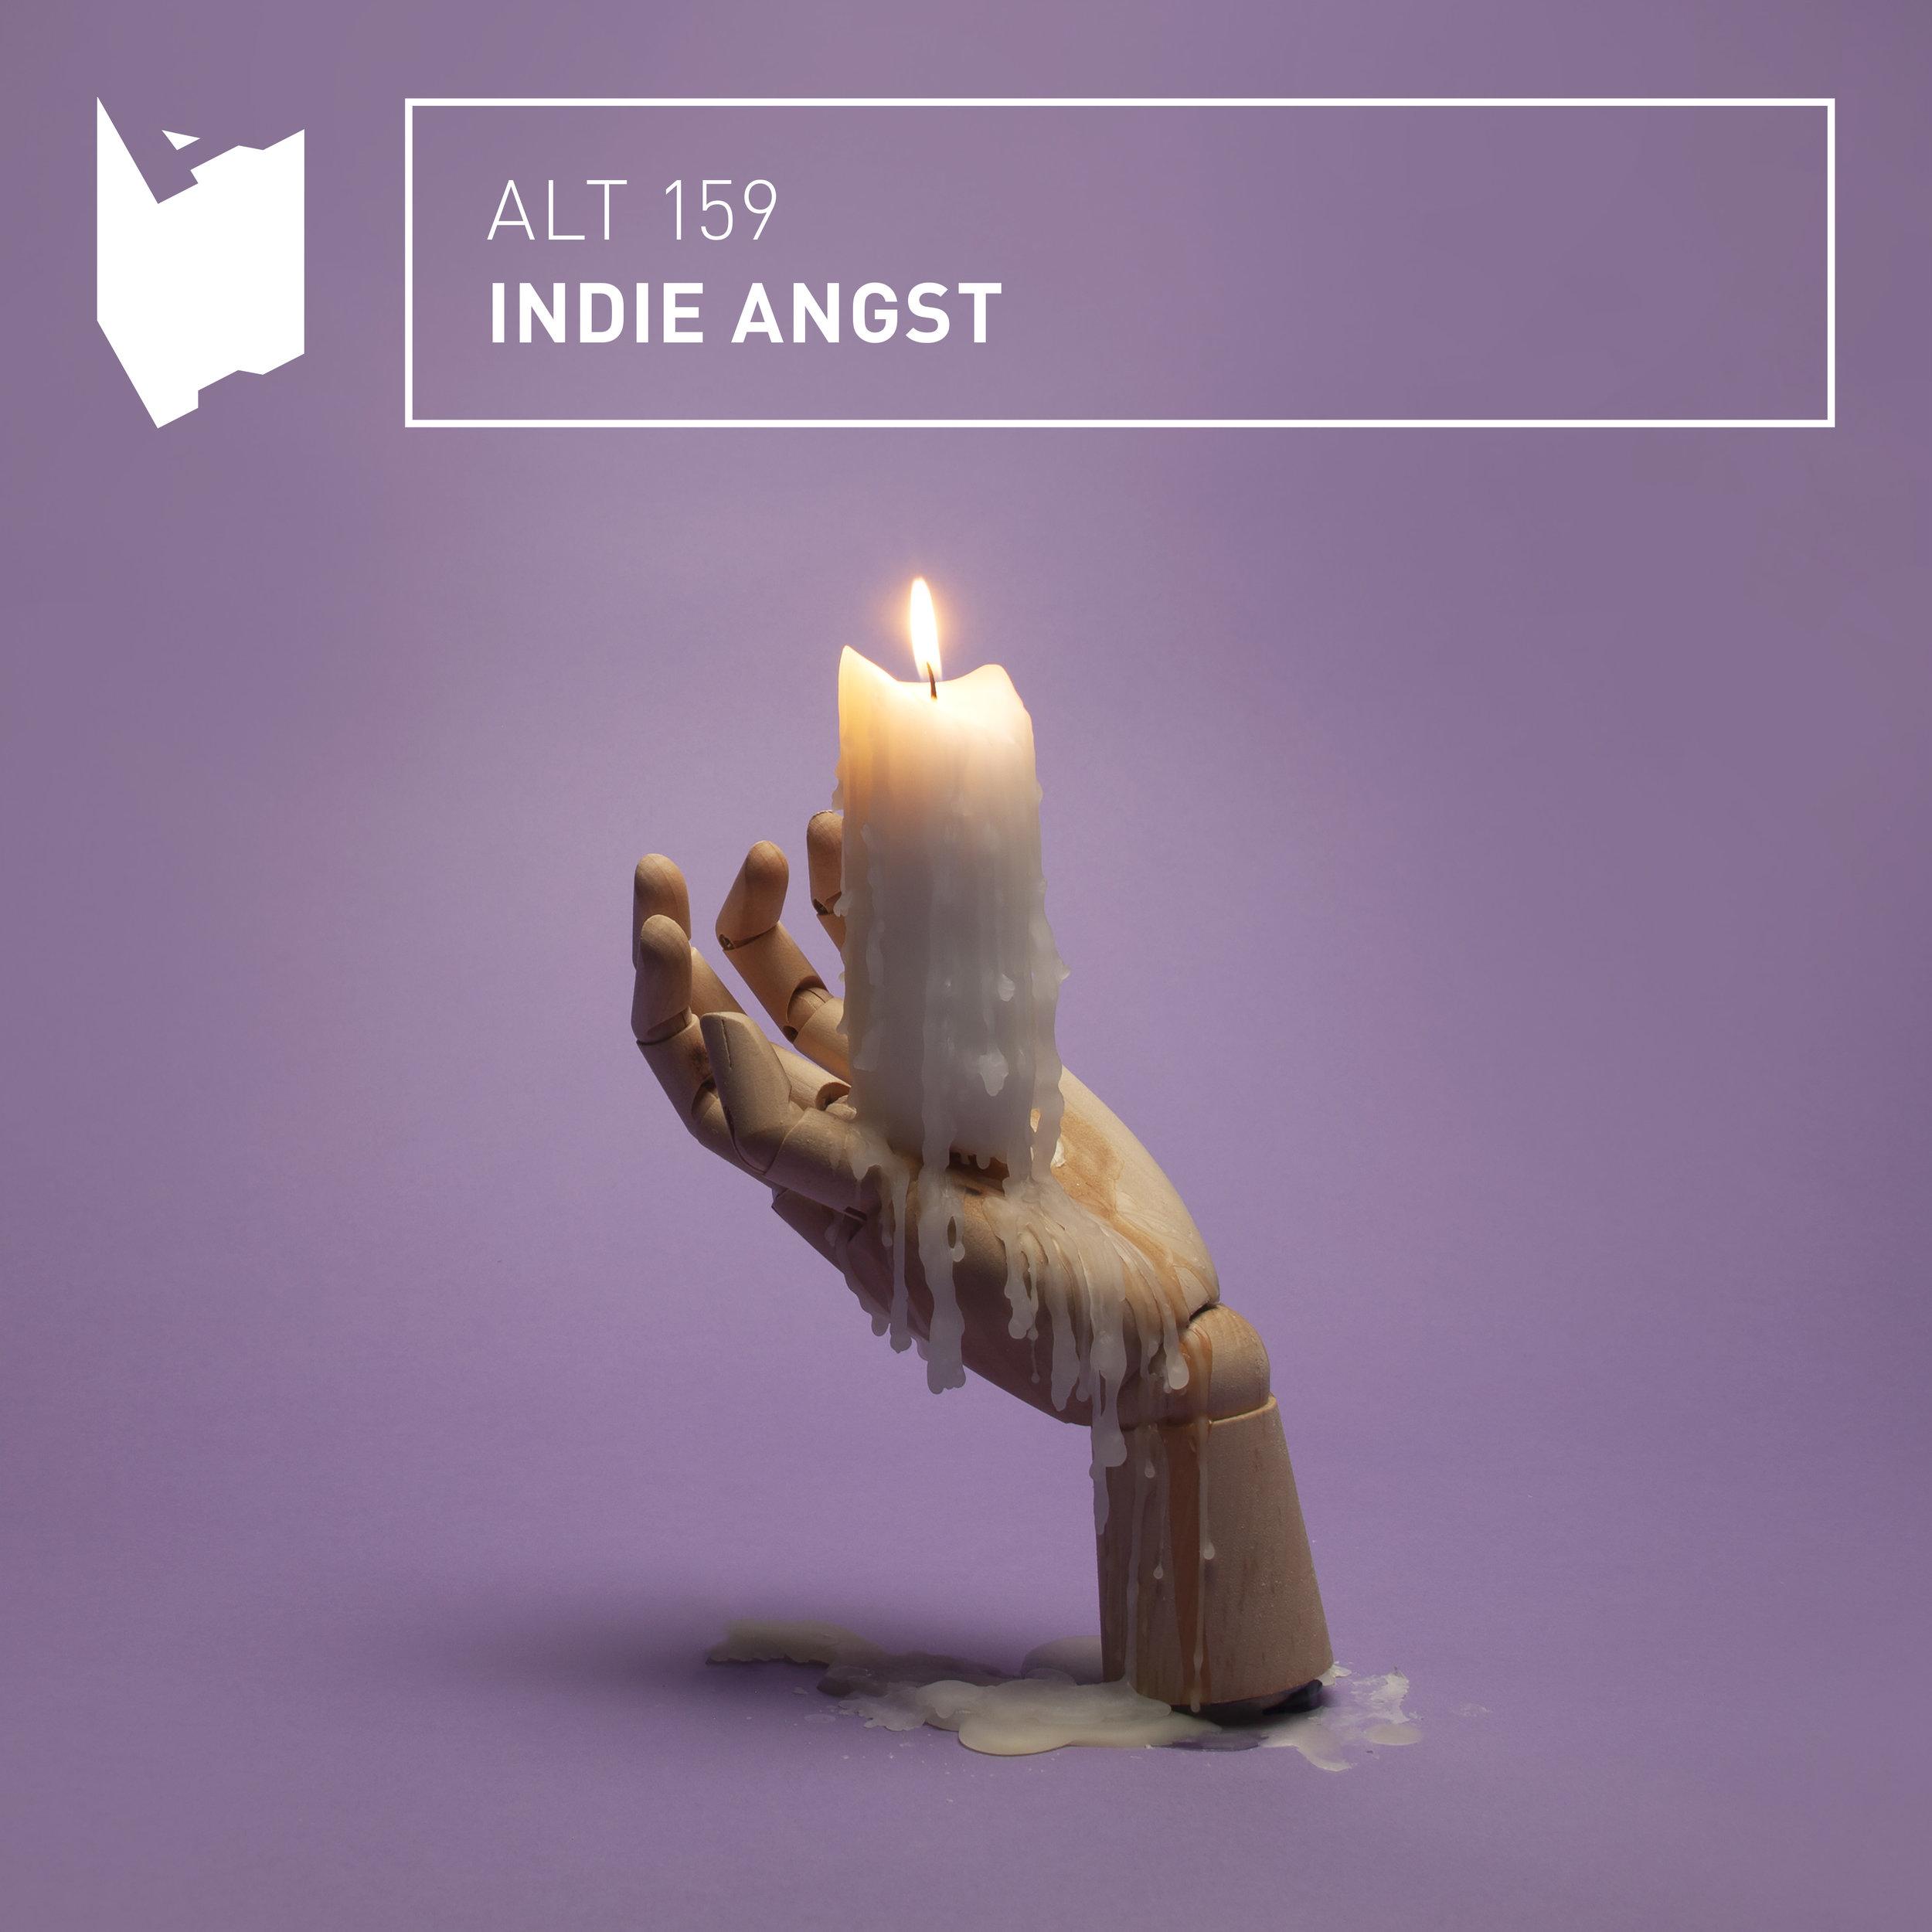 ALT159 Indie Angst